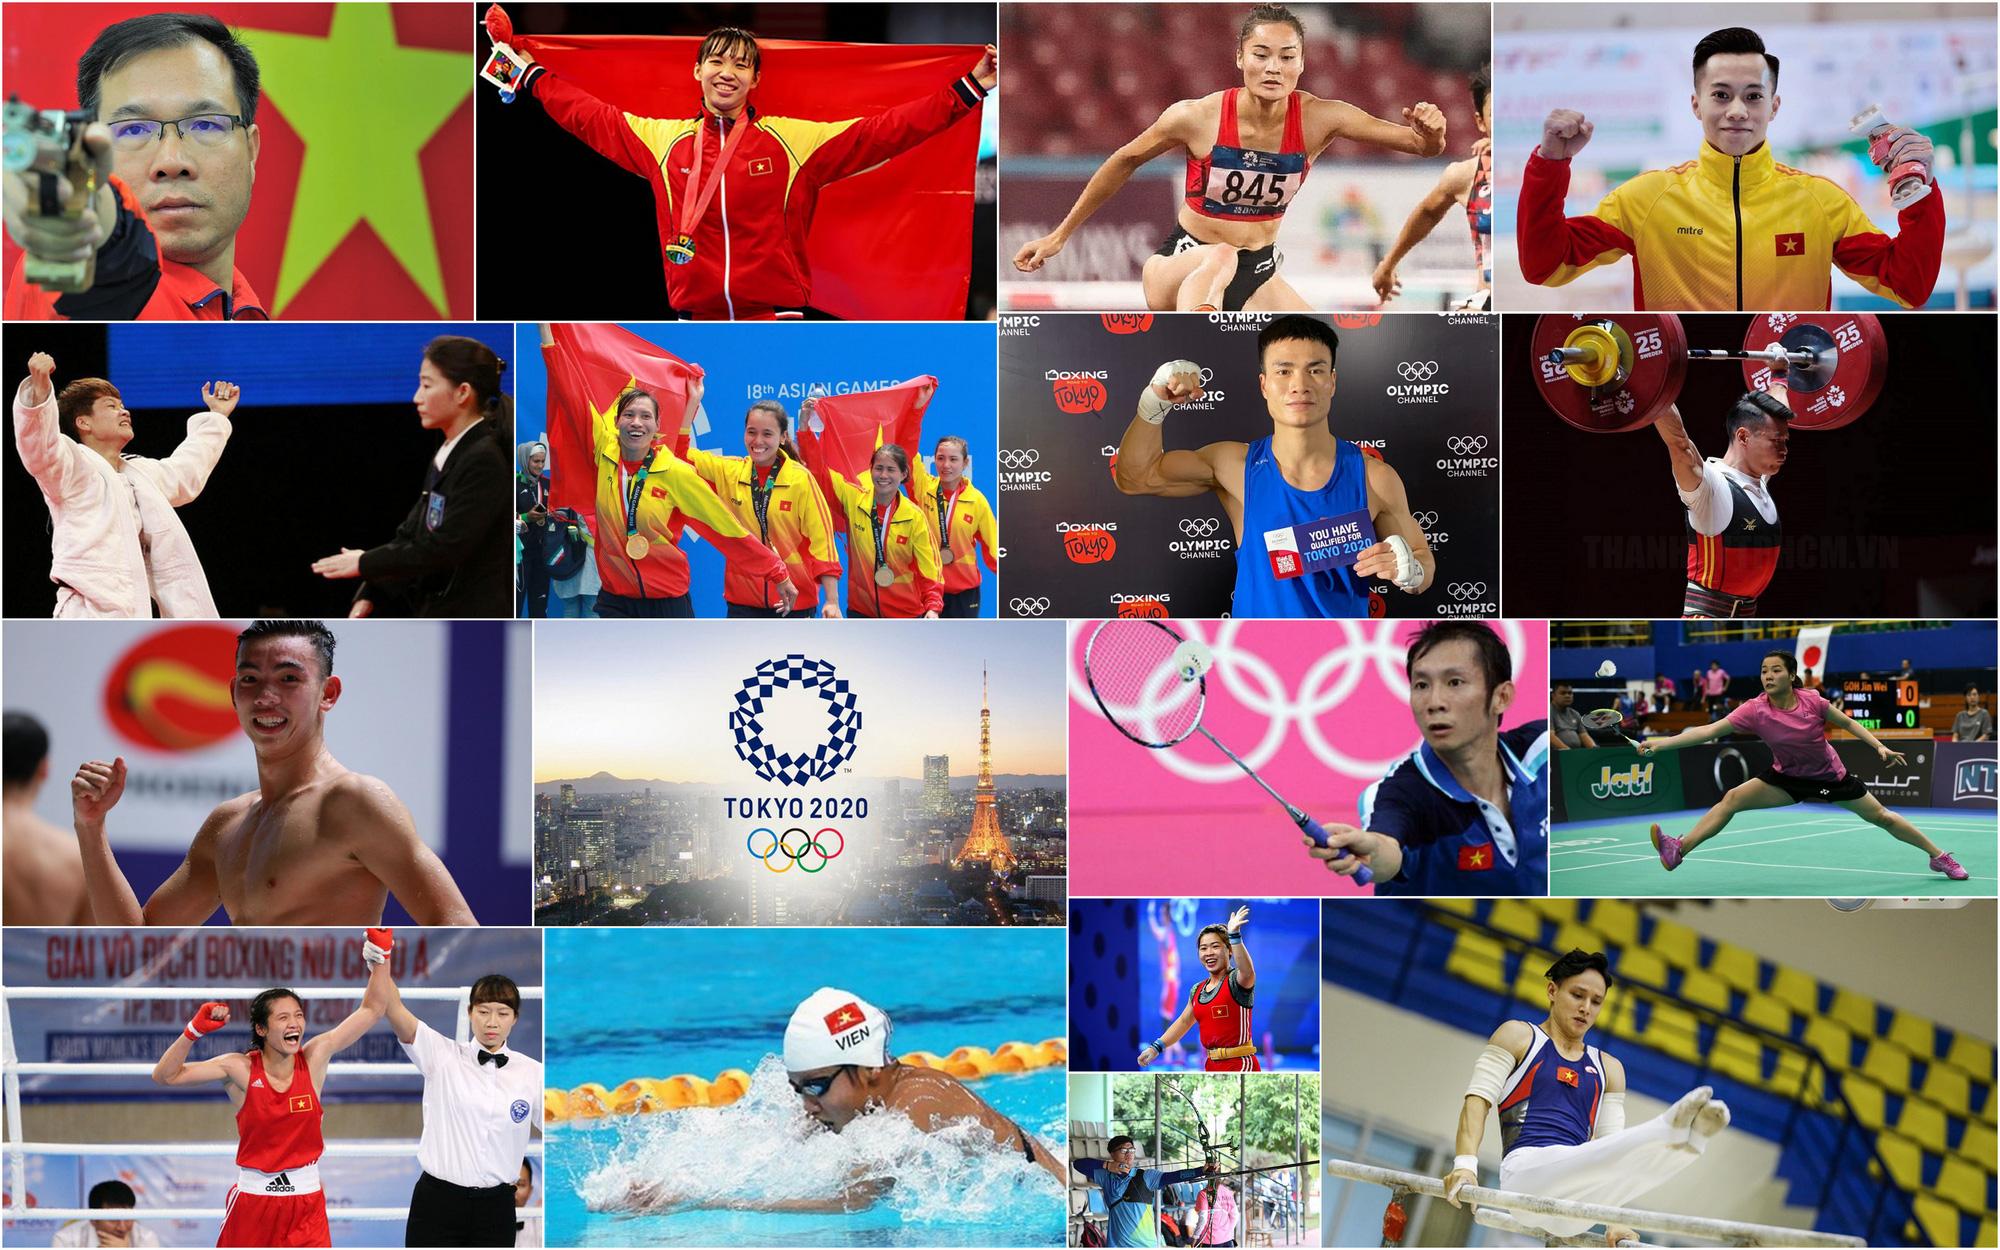 Đài Truyền hình Việt Nam đạt thoả thuận bản quyền phát sóng Thế vận hội Olympic Tokyo 2020 - Ảnh 1.